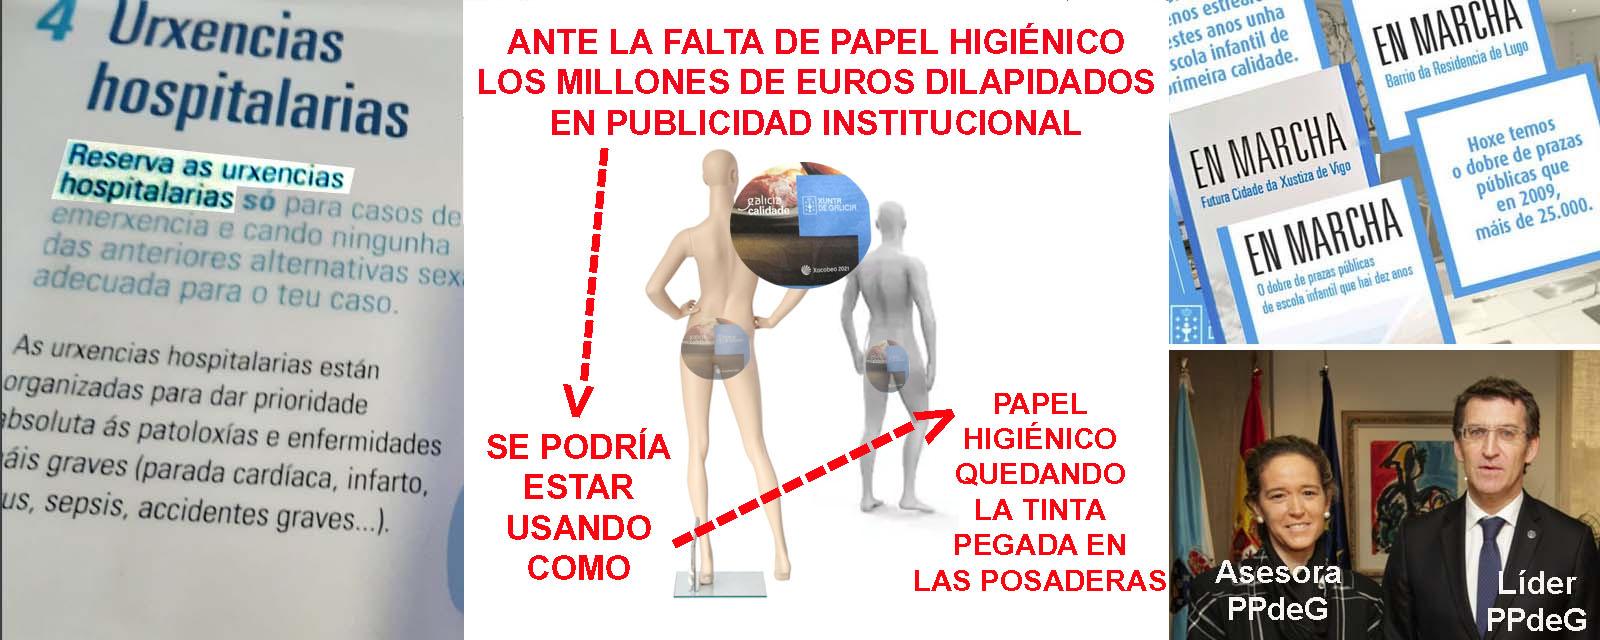 PUBLICIDADUTILIZADACOMOPAPELHIGIENICOPARALIMPIARELCULO